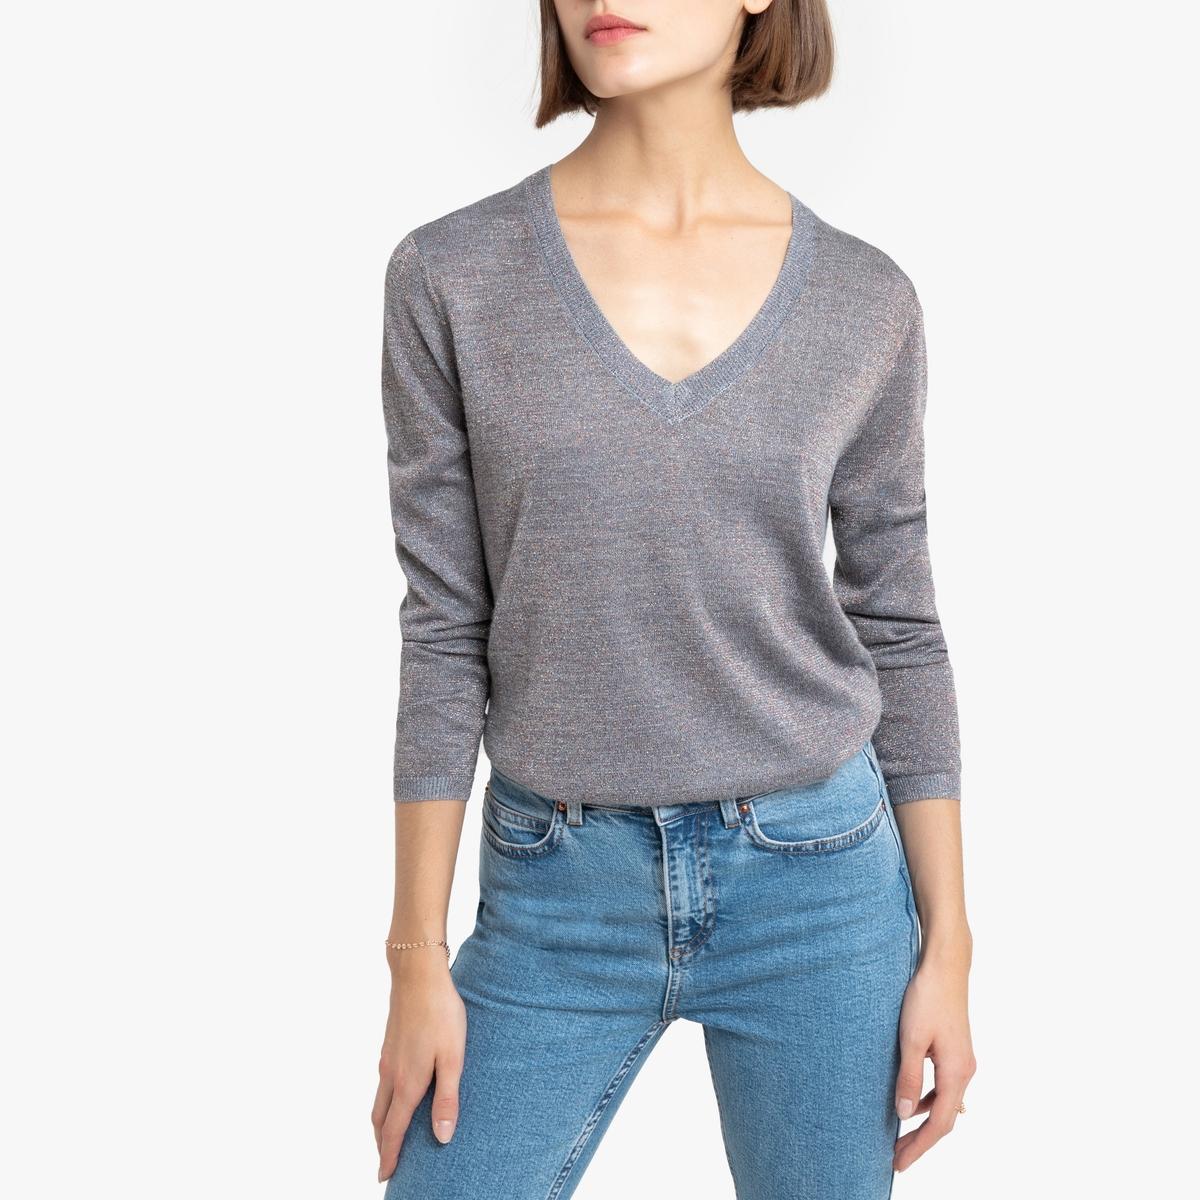 Пуловер La Redoute С V-образным вырезом и волокнами с металлическим блеском Mael M серый цена 2017